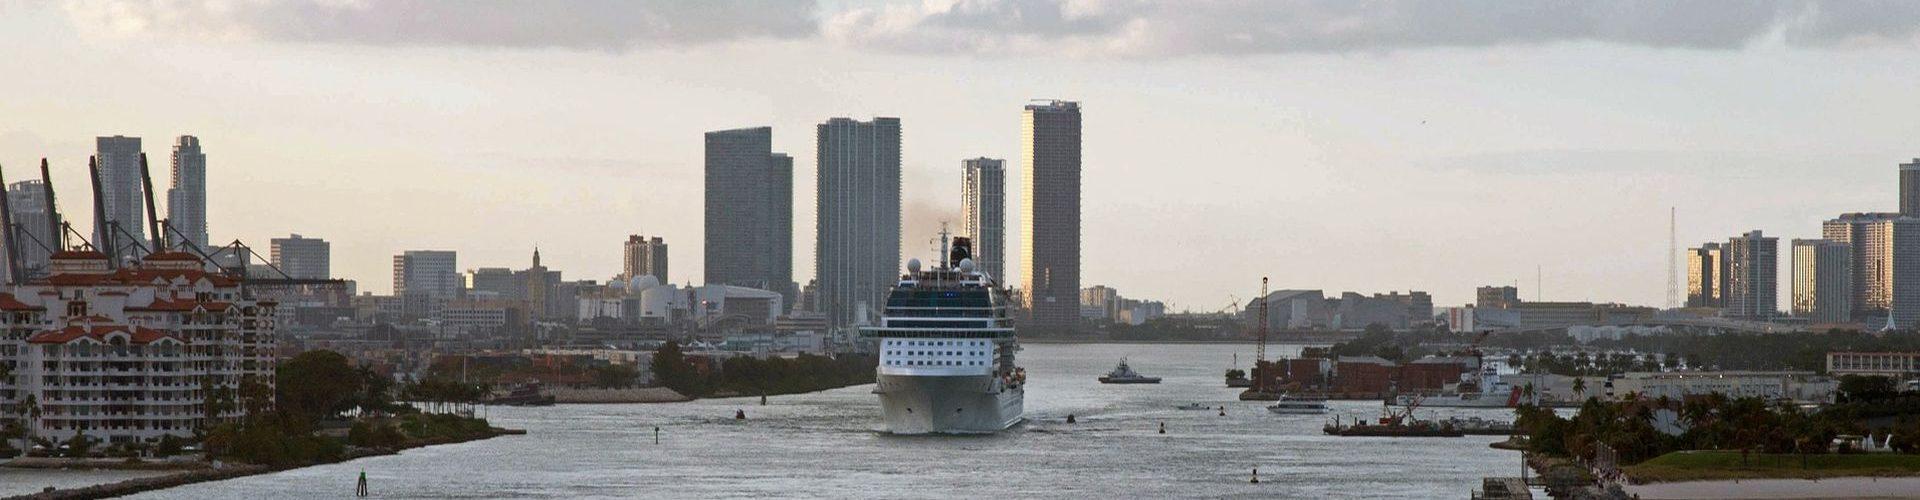 אנייה יוצאת מנמל מיאמי